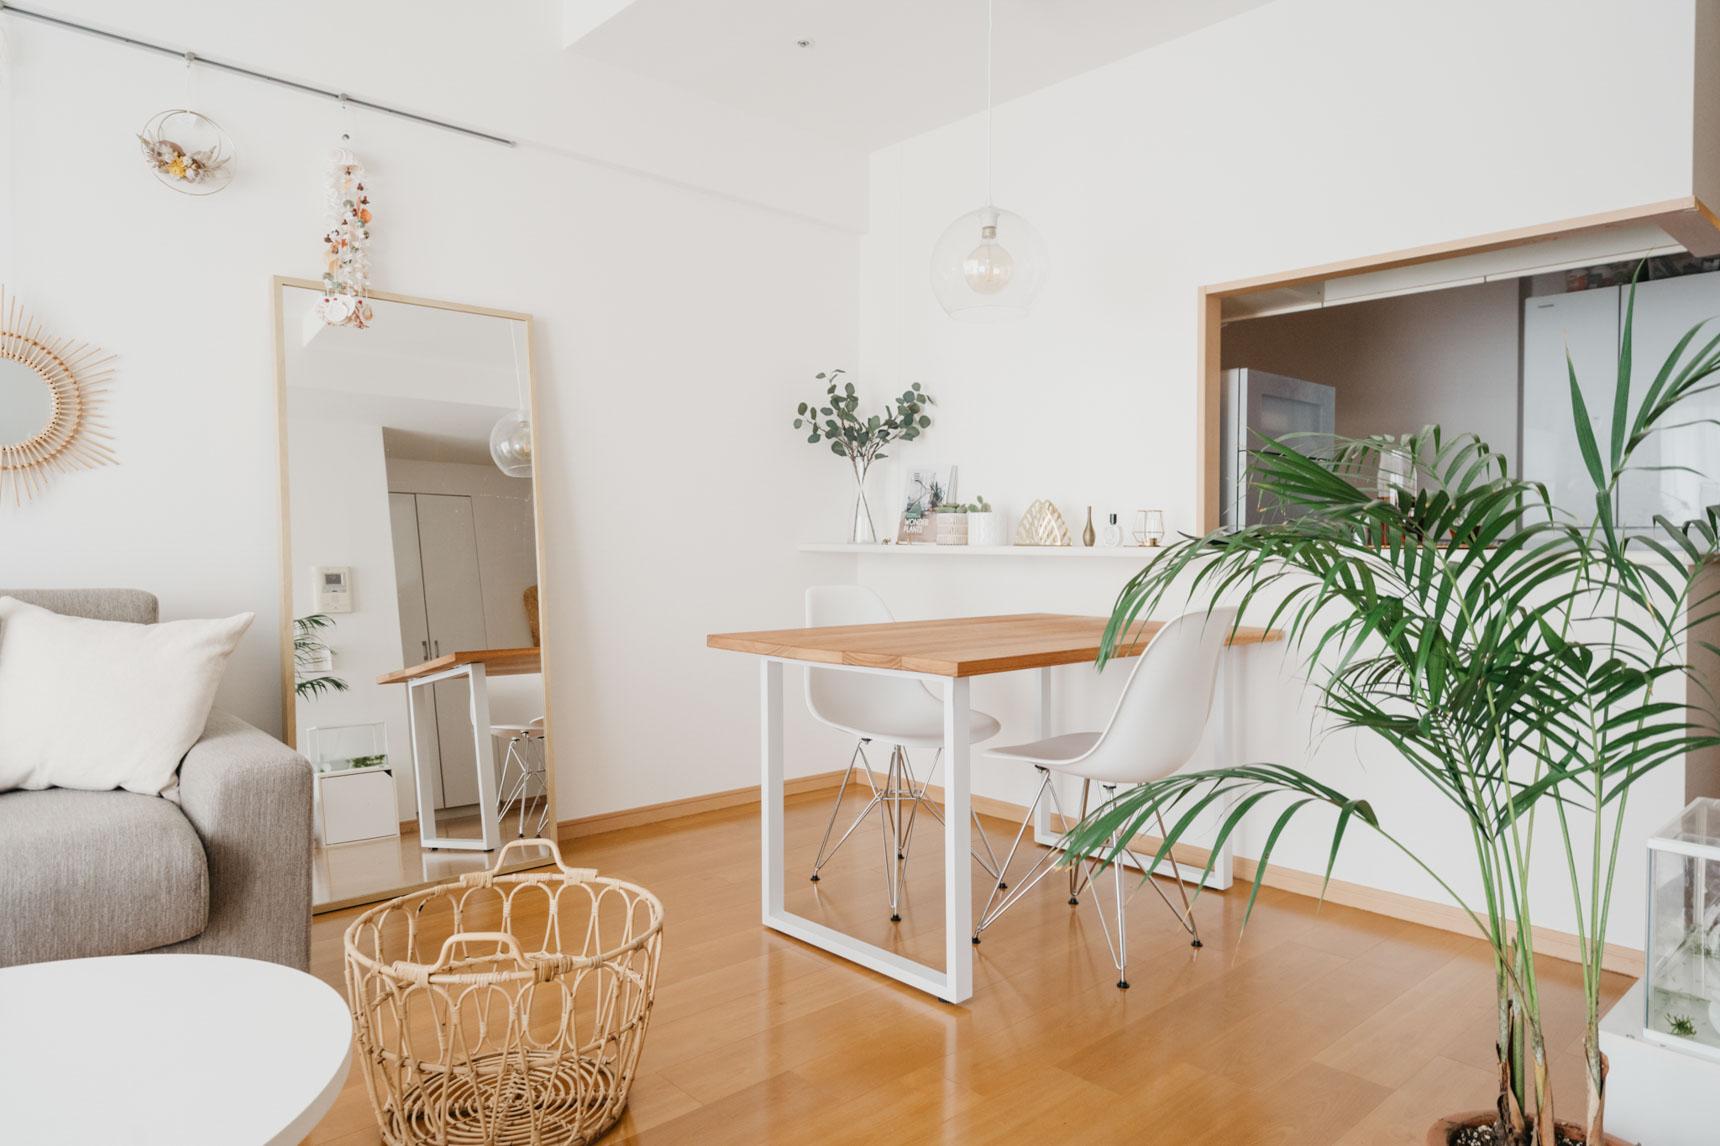 ダイニングテーブルは、ふだんは2人で、お客さんが来た時には4人がけでも使えるちょうど良い大きさのものをとDIY。少しオレンジがかった床の色に合わせて天板を選んだそうで、お部屋の雰囲気にぴったり合っています。